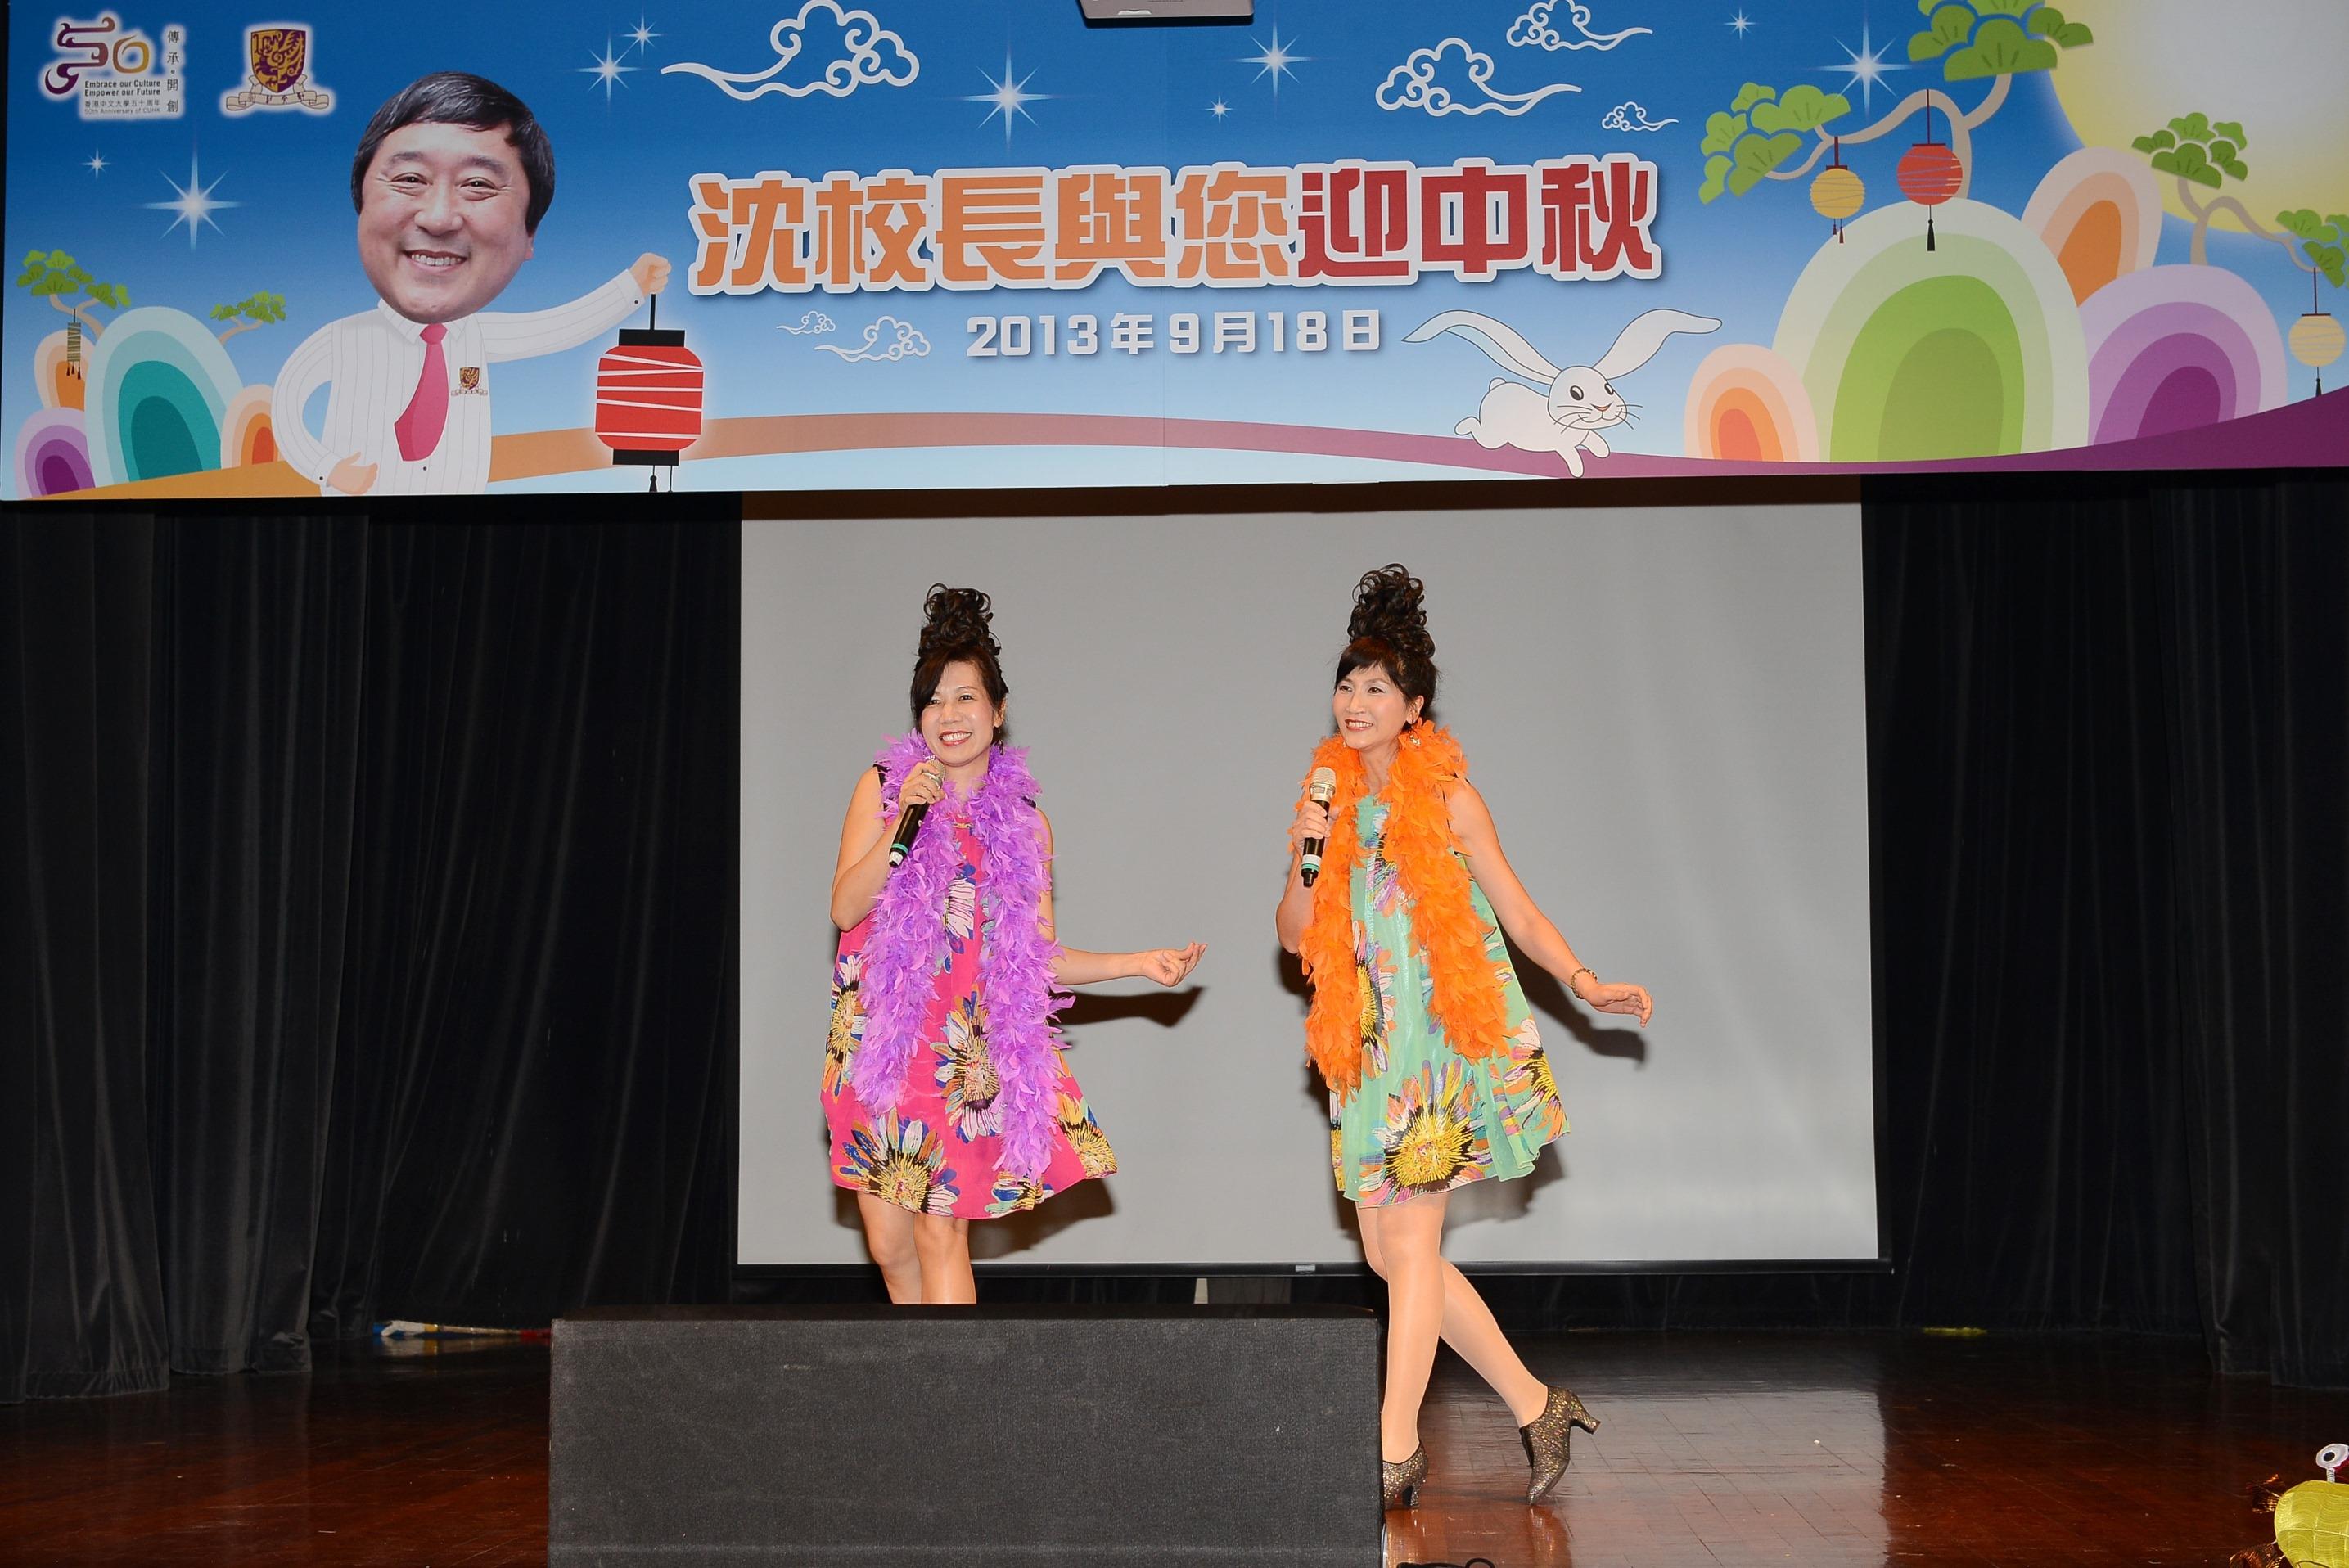 扮相維妙維肖的「筷子姊妹花」。